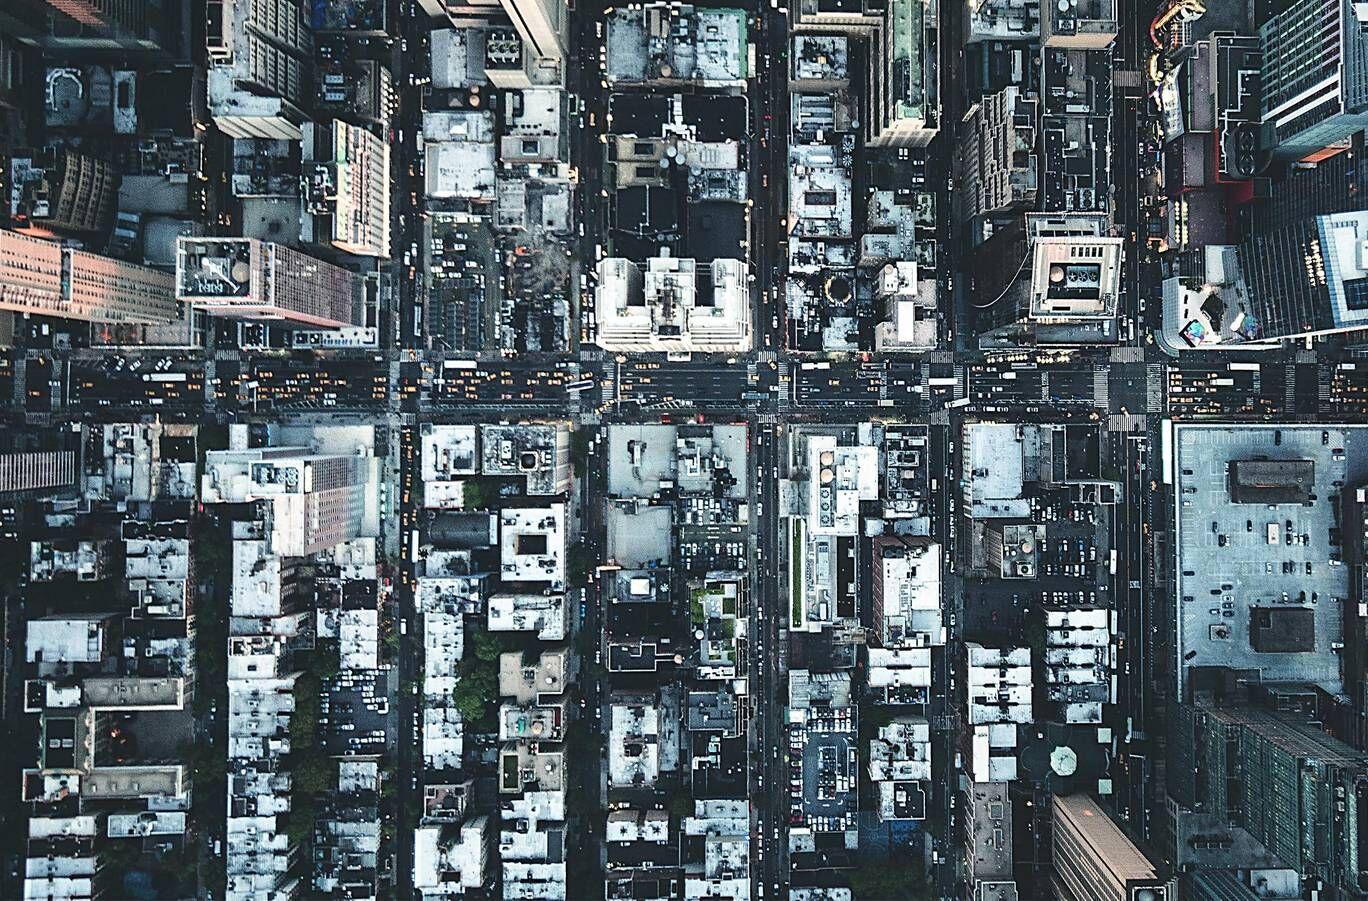 新型人工智能可通过城市建筑预测居民肥胖率